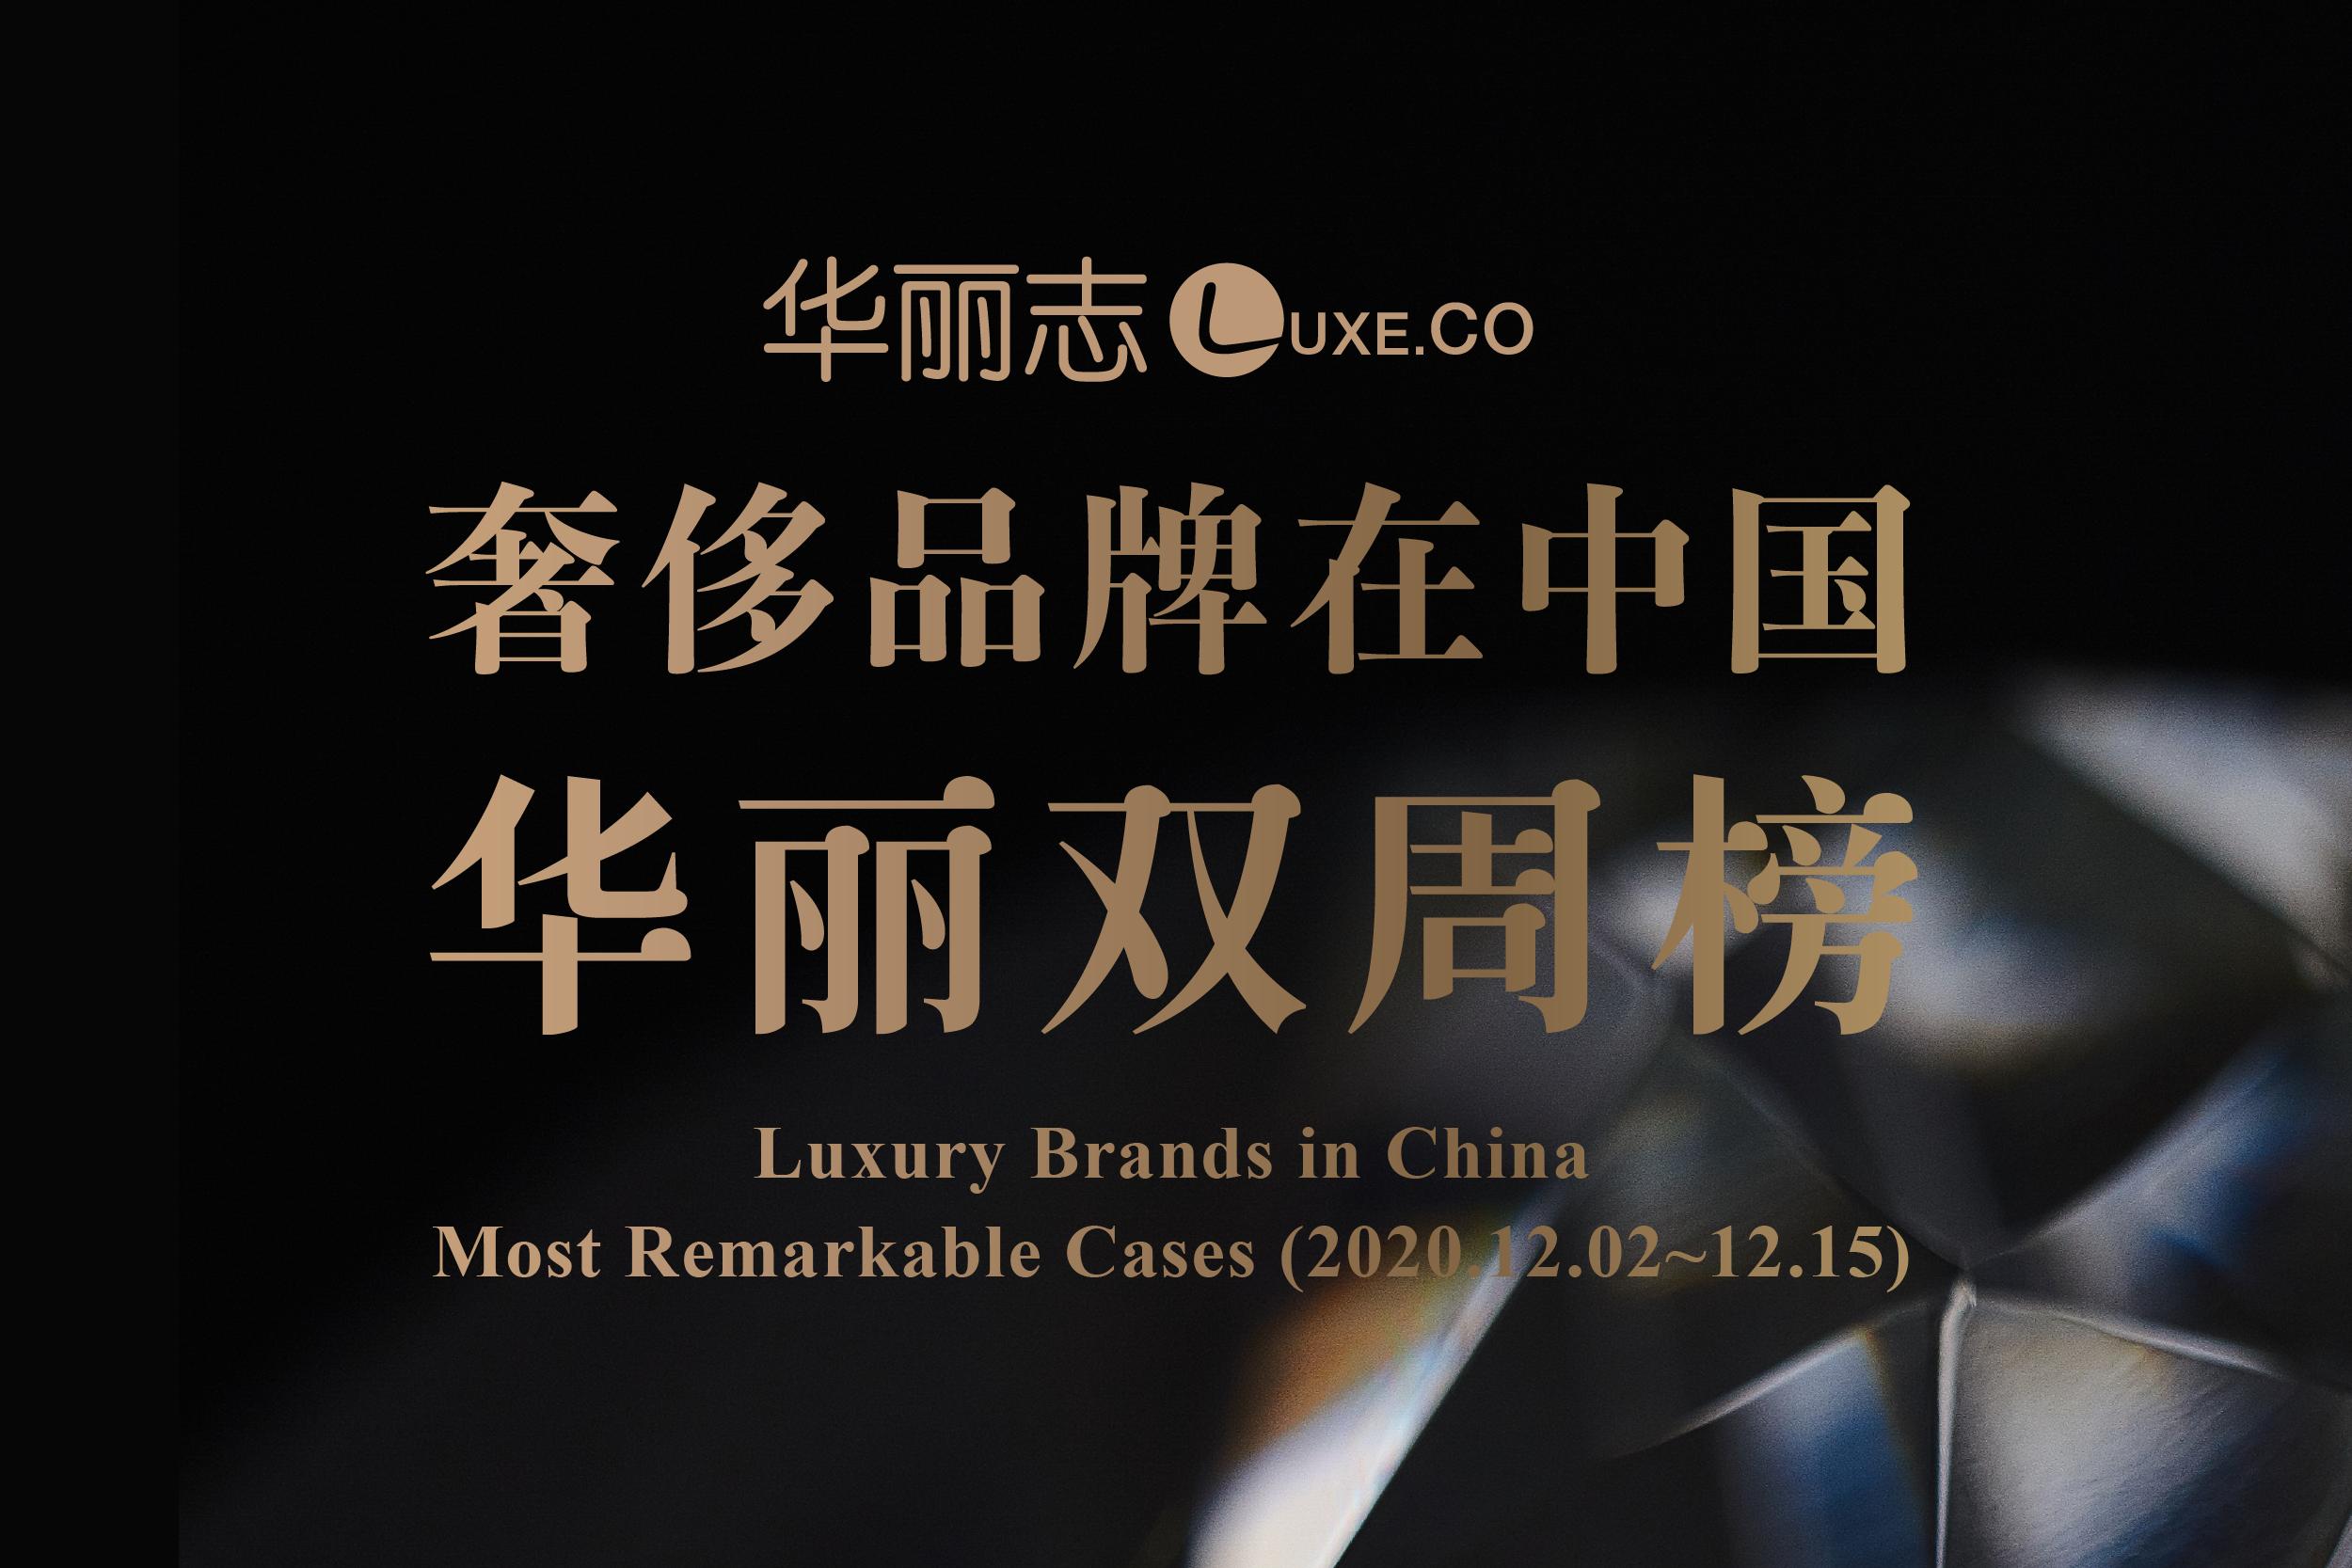 12月上旬,这三家奢侈品牌在中国的动作最值得关注!【华丽双周榜】第15期